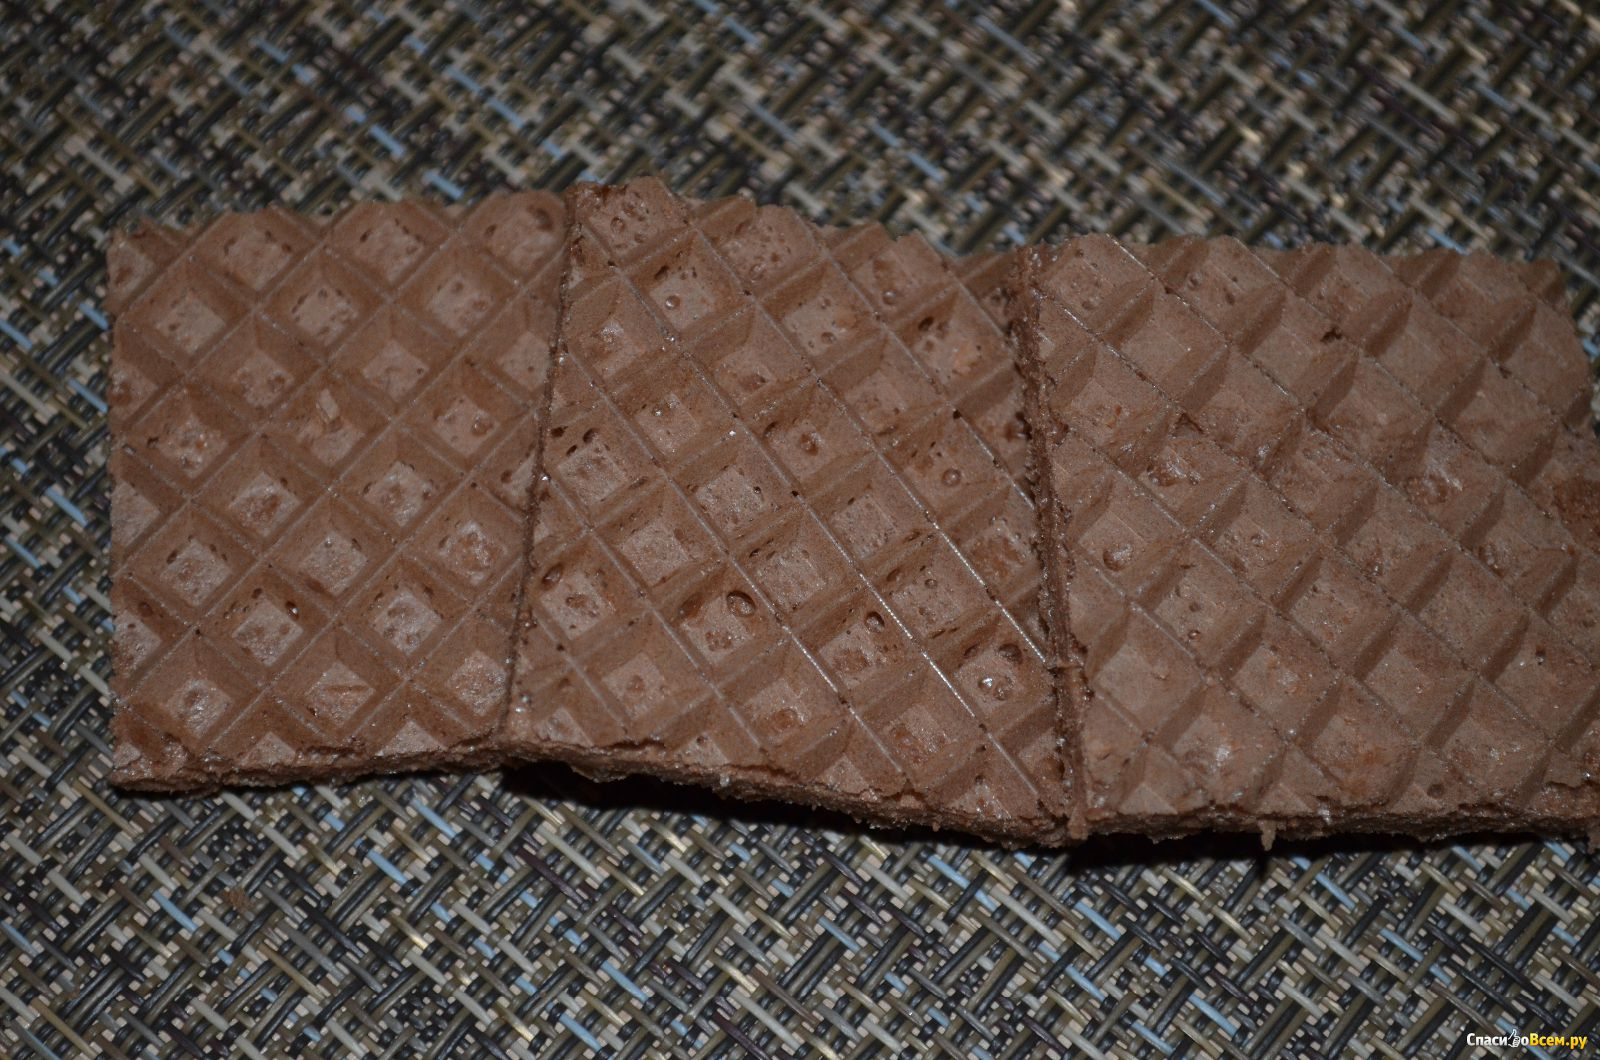 вафли шоколадные советских времен фото мягких тканей